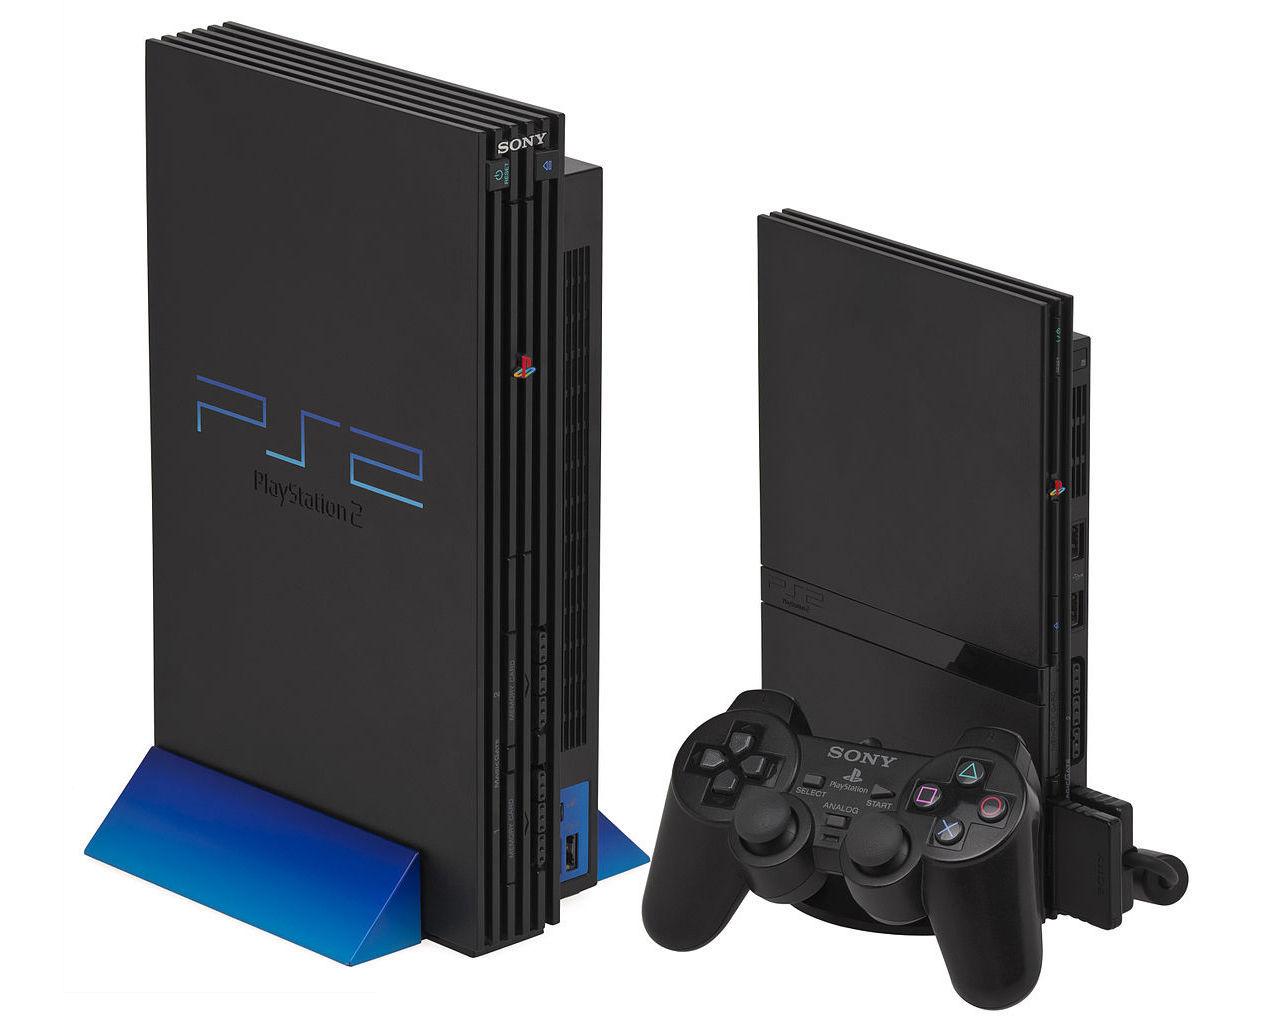 Playstation 2 fyllde 20 år igår